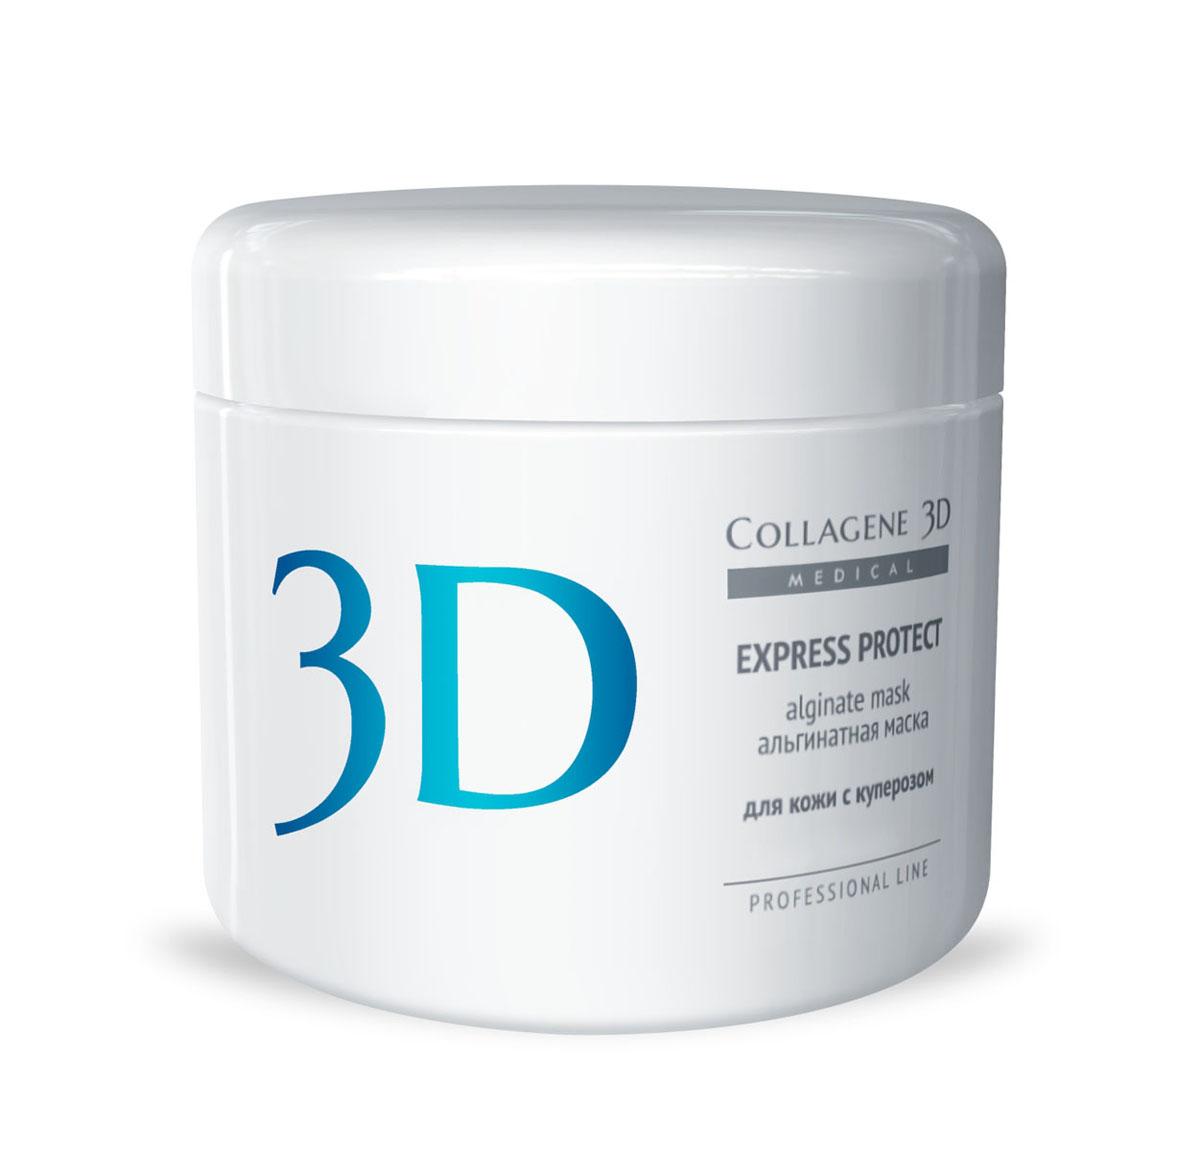 Medical Collagene 3D Альгинатная маска для лица и тела Express Protect ,200 гFS-00897Высокоэффективная, пластифицирующая маска на основе лучшего натурального сырья. Входящий в состав Экстракт виноградной косточки укрепляет сосуды, устраняет купероз и отеки.